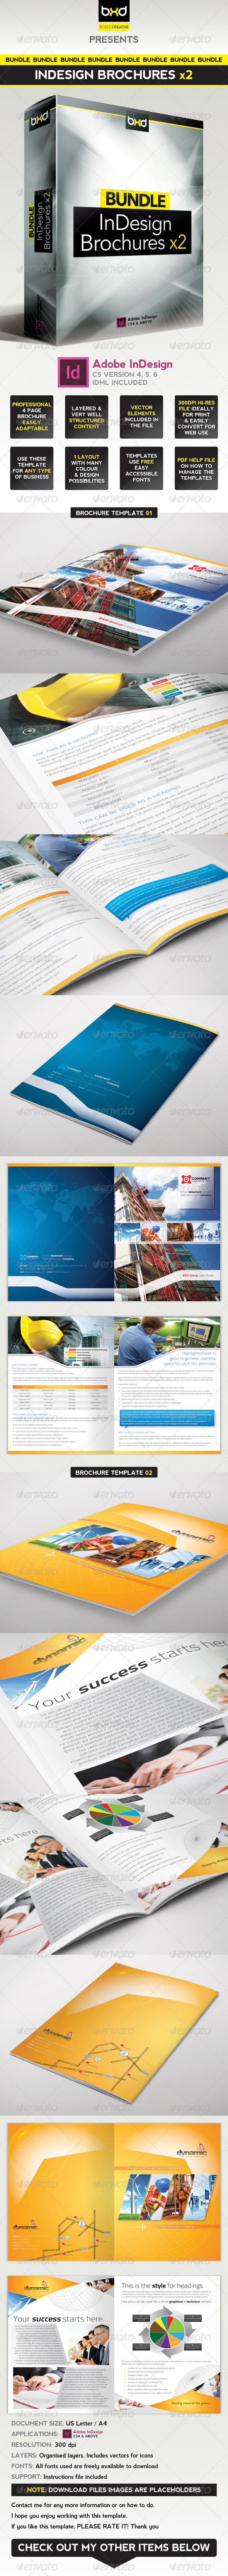 Brochures Bundle - InDesign Layout - Corporate Brochures